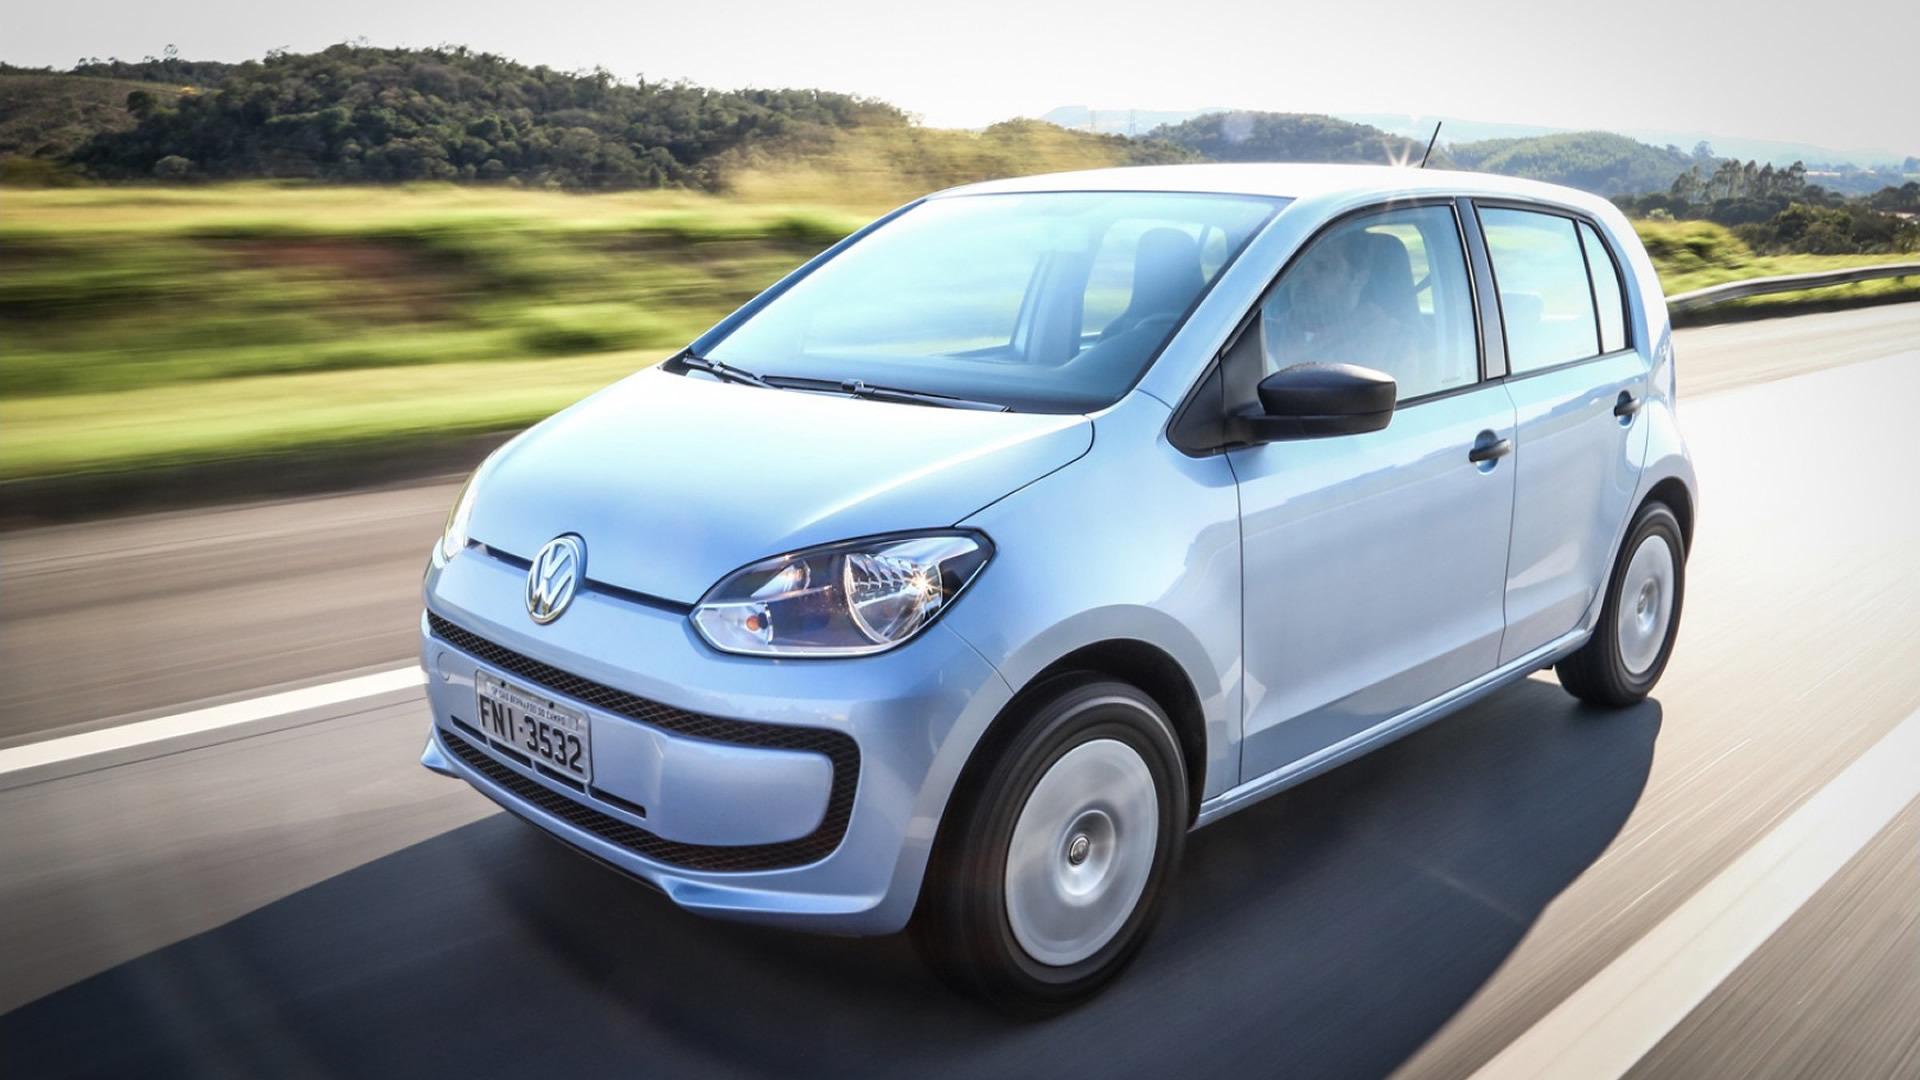 Buscar Carros Baratos >> Veja A Lista Com Os Carros Mais Baratos De Reparar Em 2016